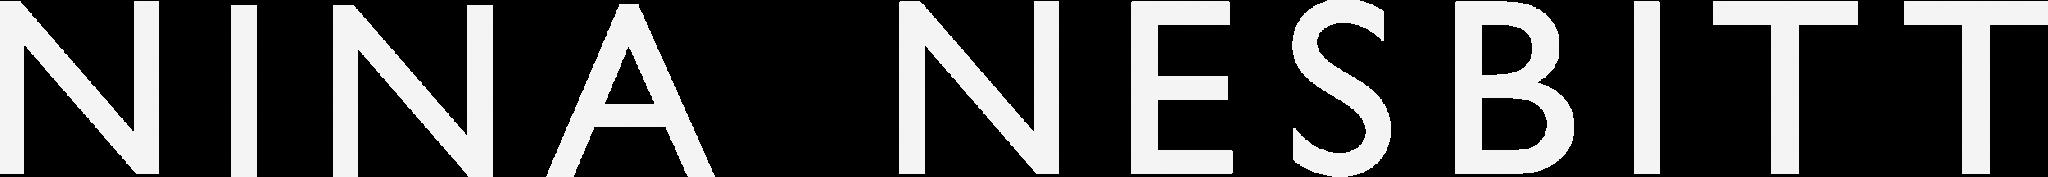 nn_logo_l.png